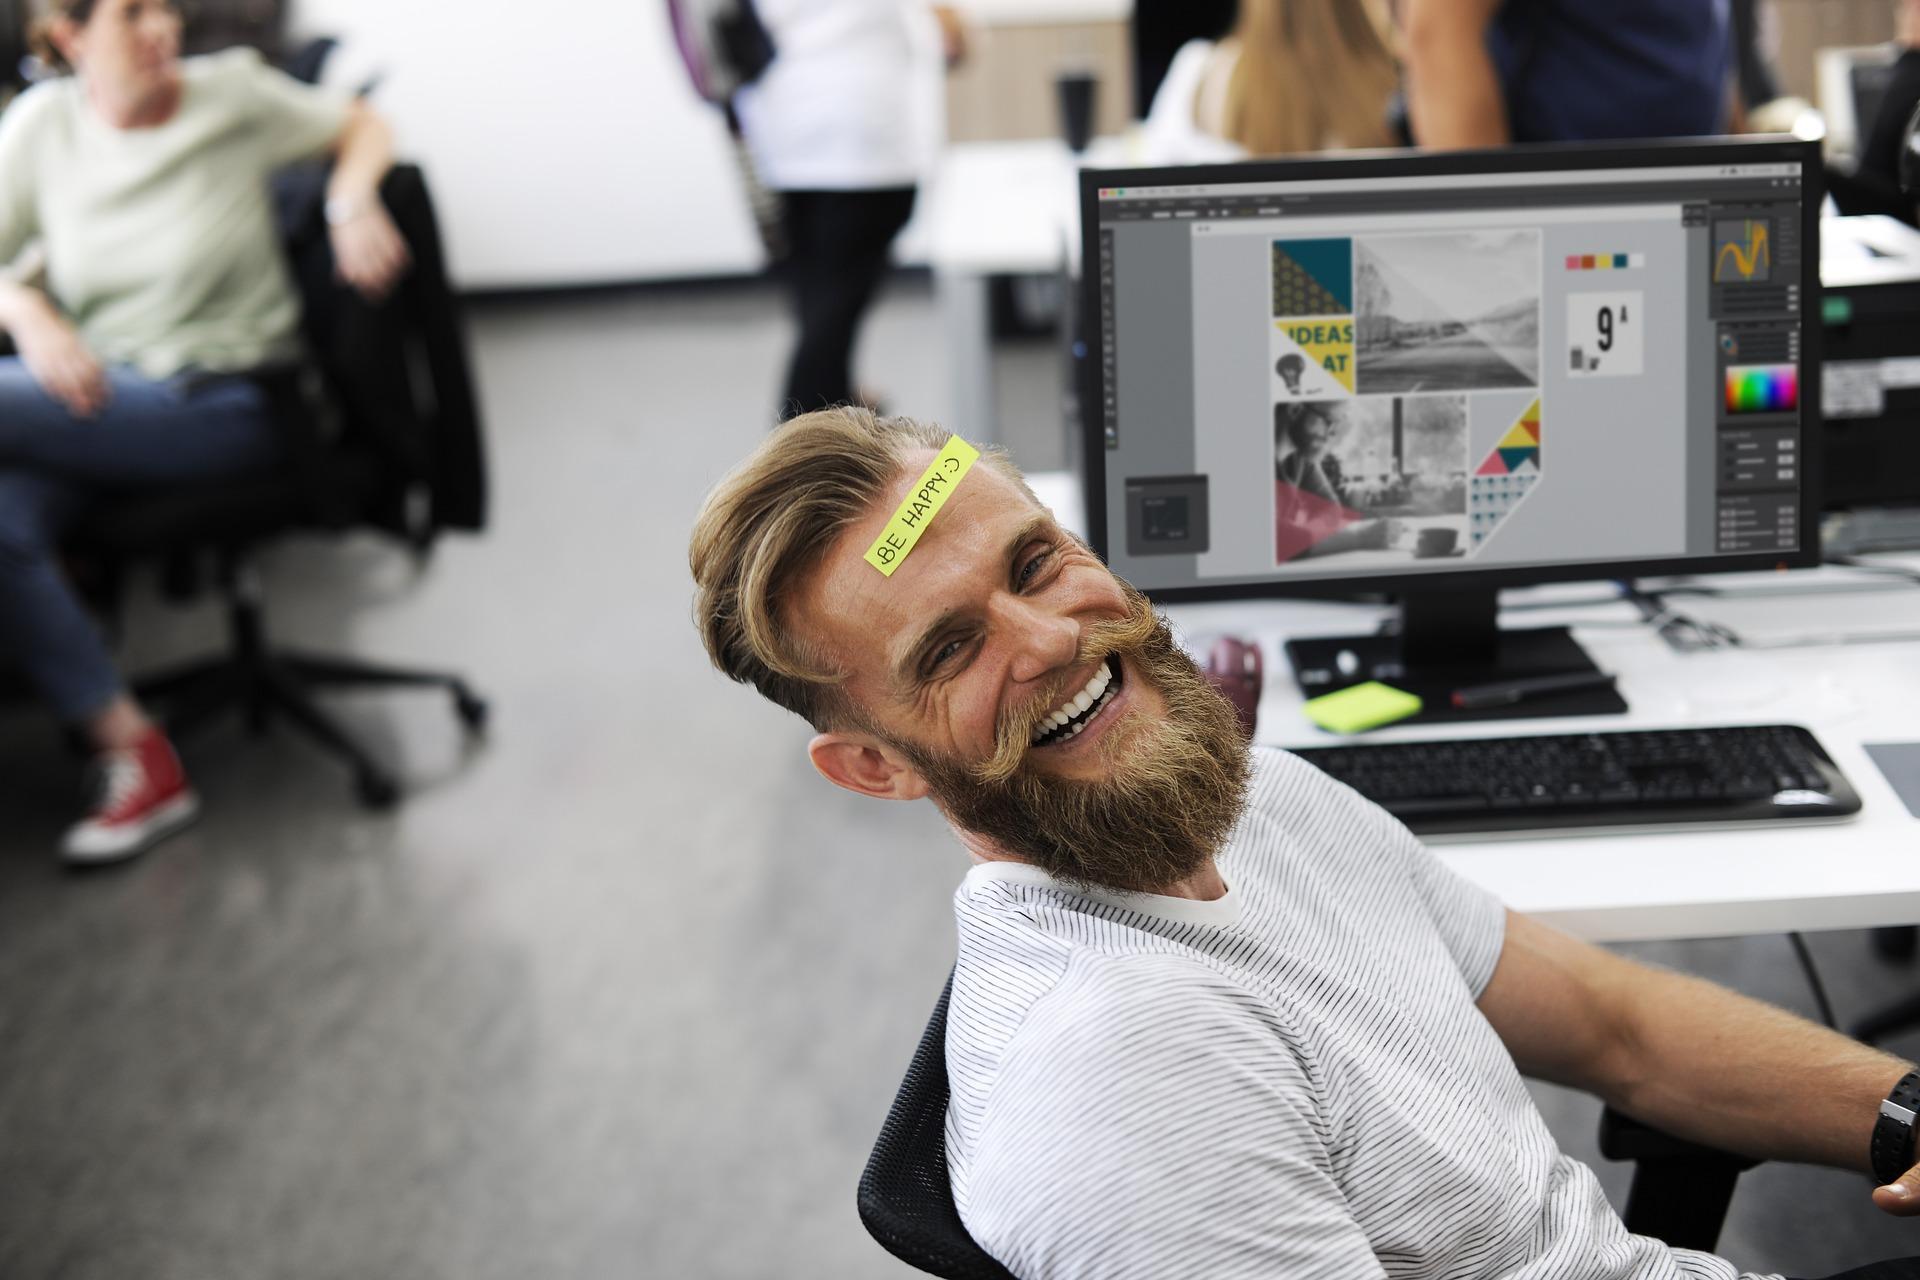 Les avantages du télétravailpour l'employé et pour l'entreprise